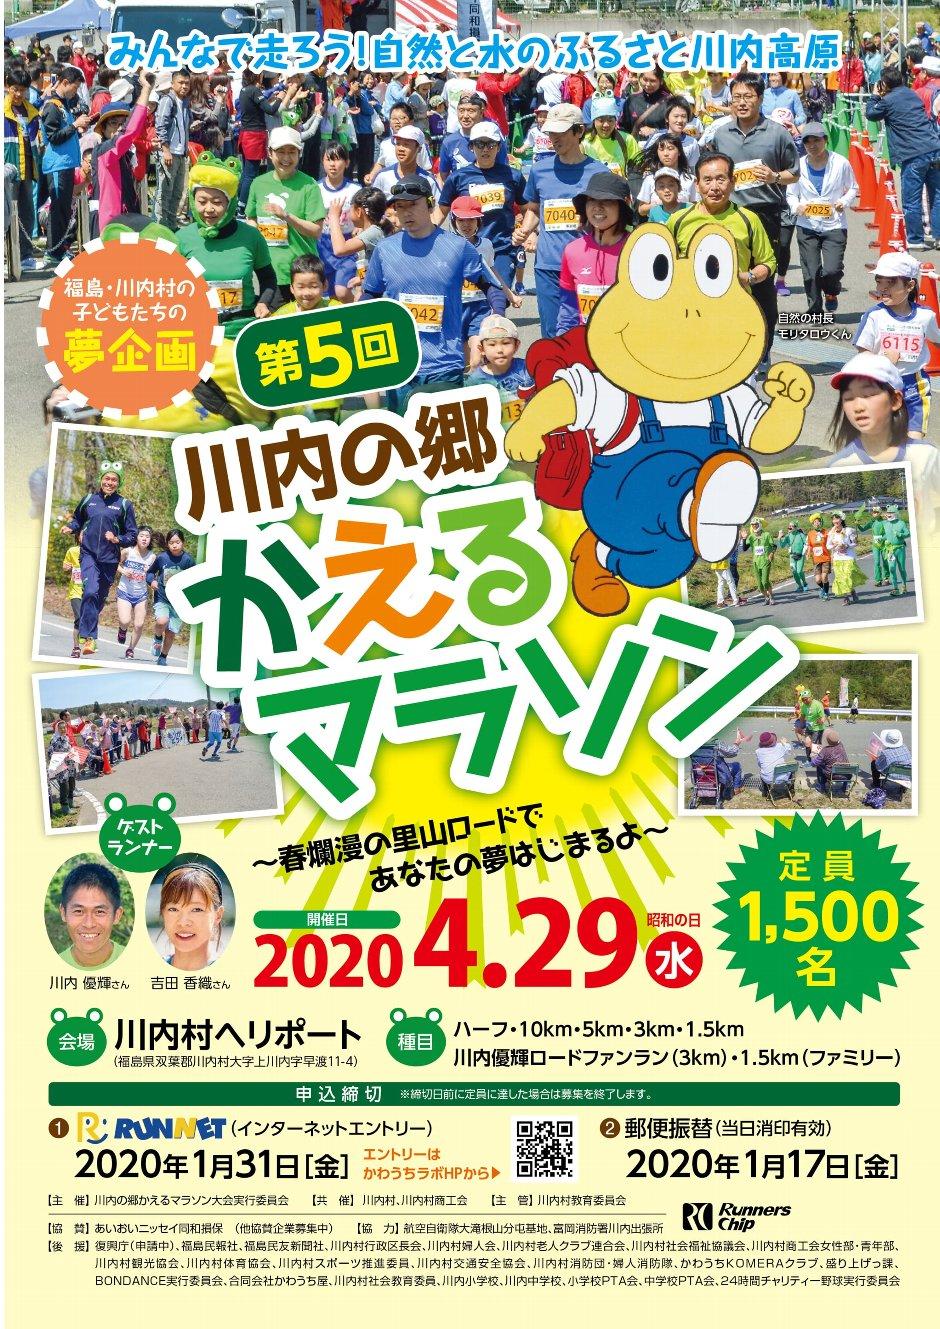 2020.4.29第5回 川内の郷 かえるマラソン